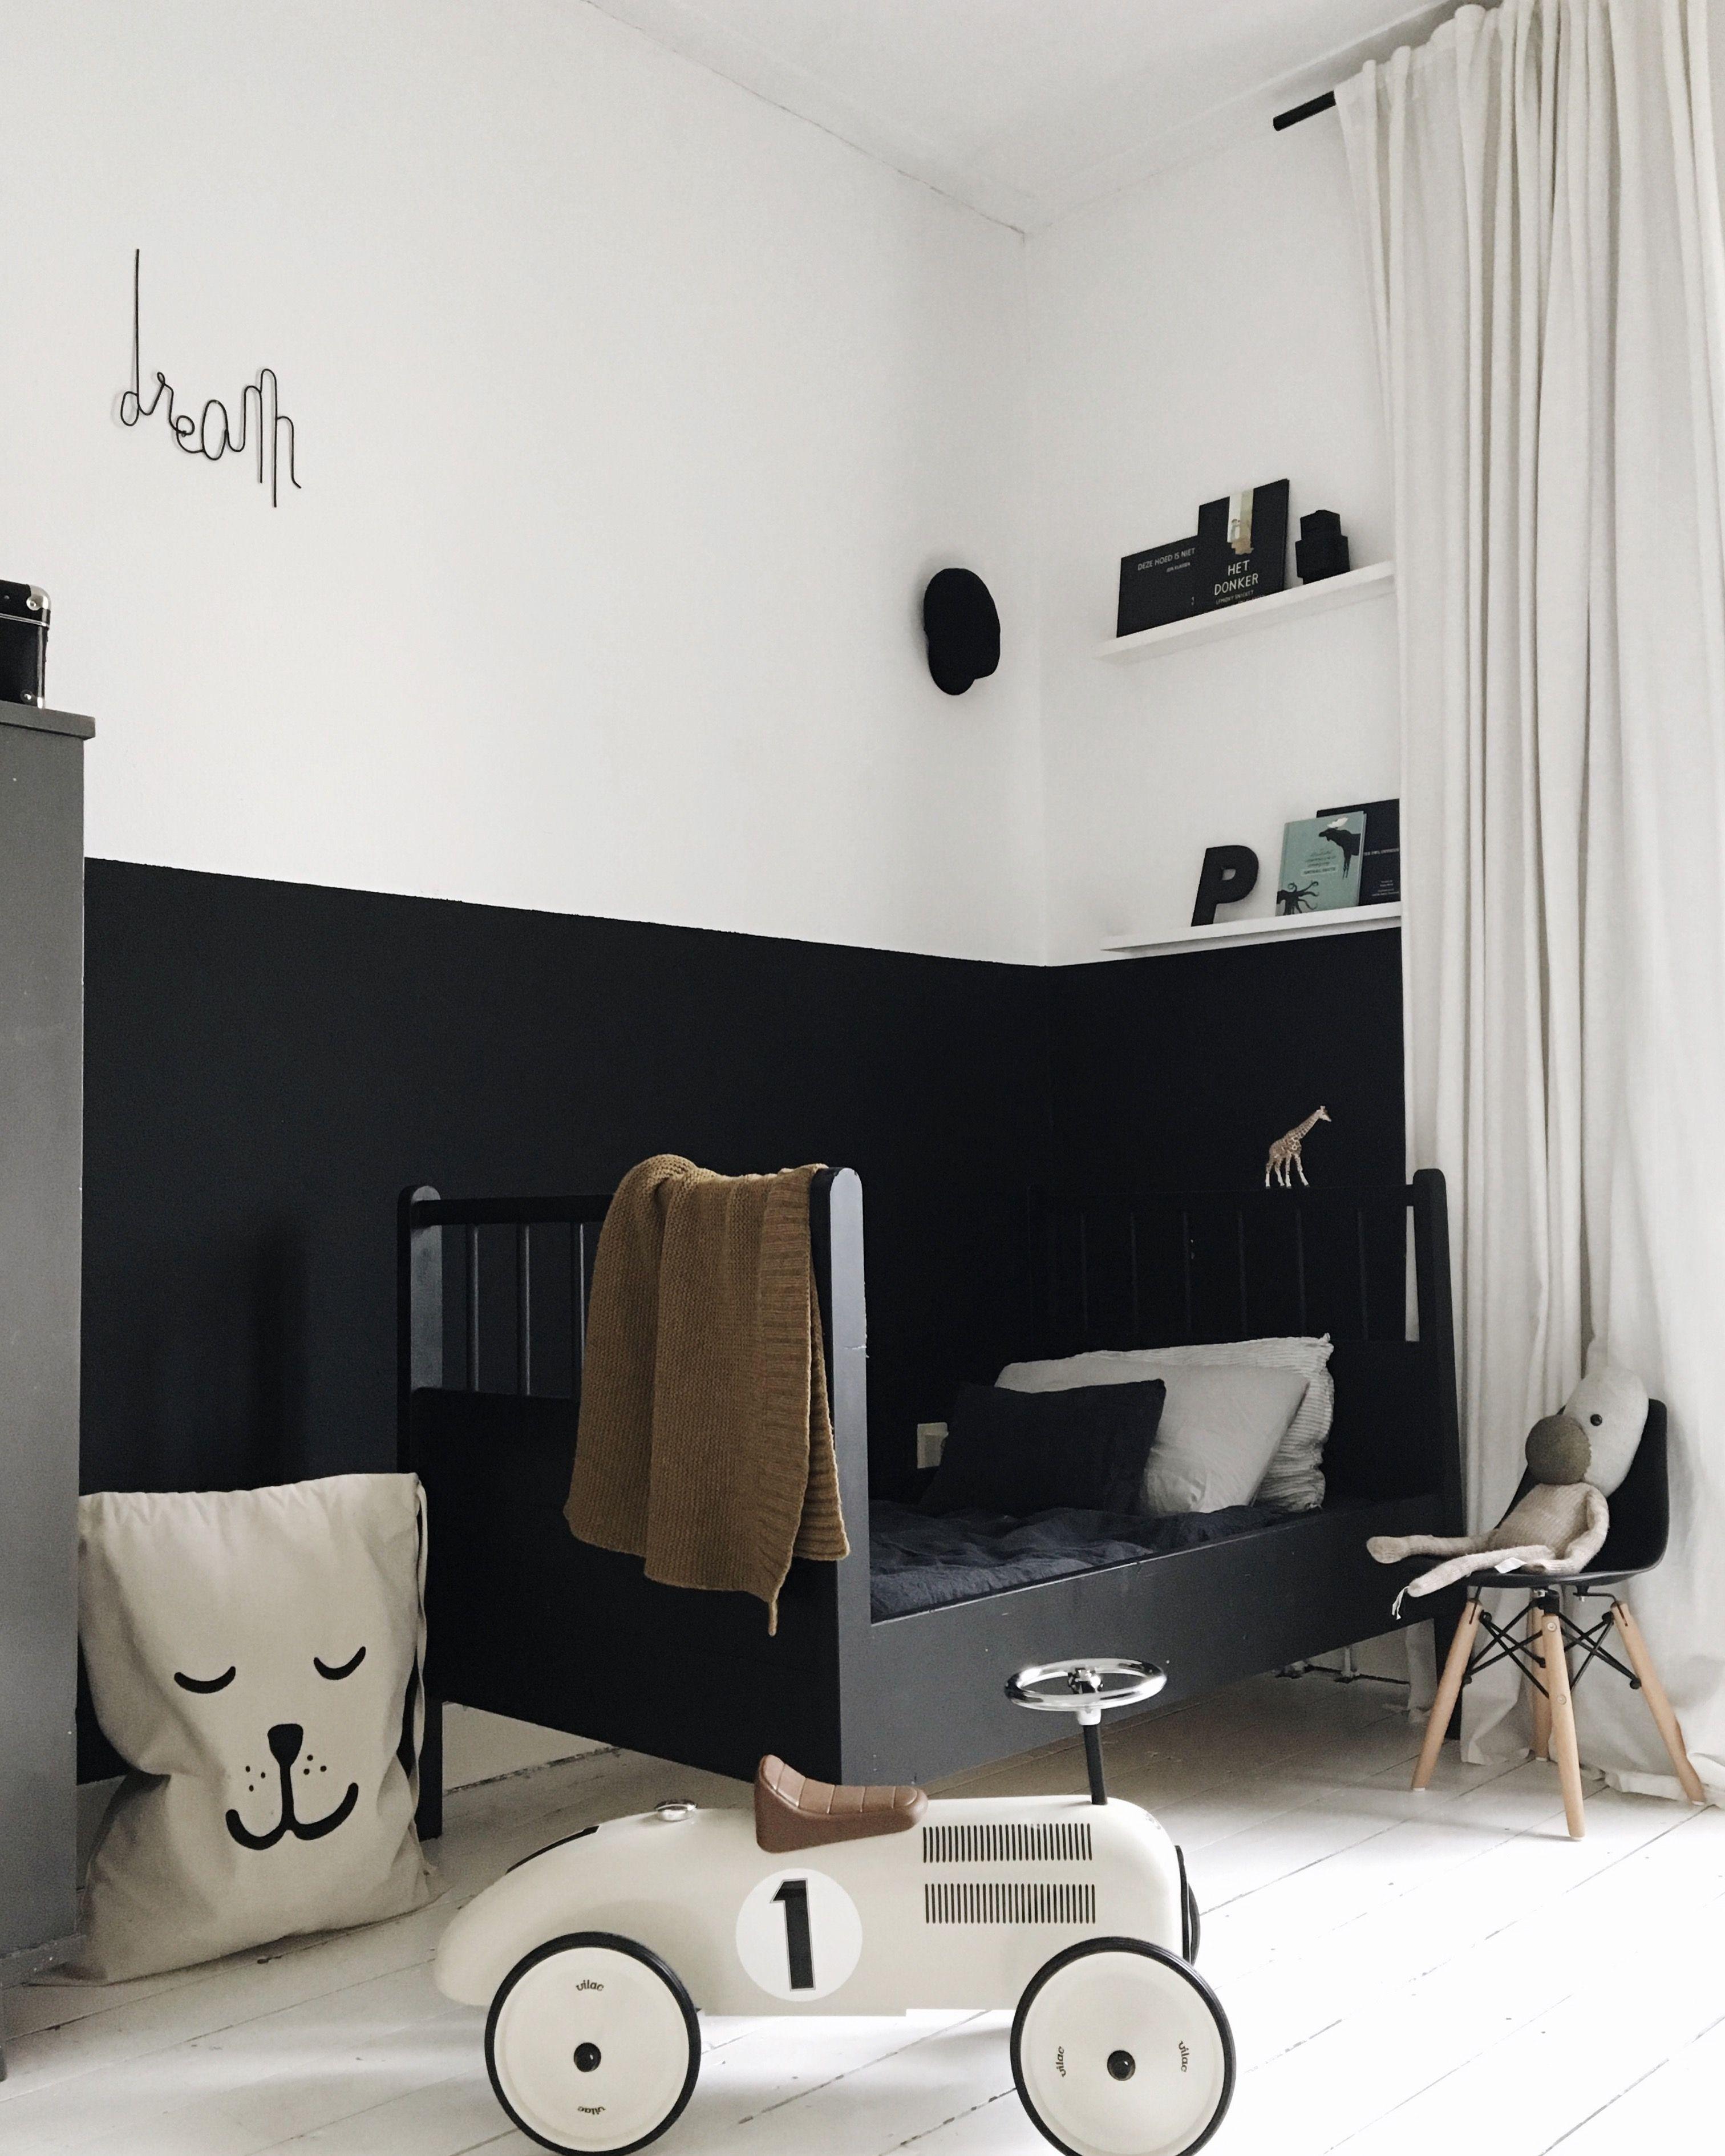 Stylisches Kinderzimmer In Schwarz Und Weiß. Die Halbhohe Schwarze Wandfarbe  Kann Man Auch Gut Mit